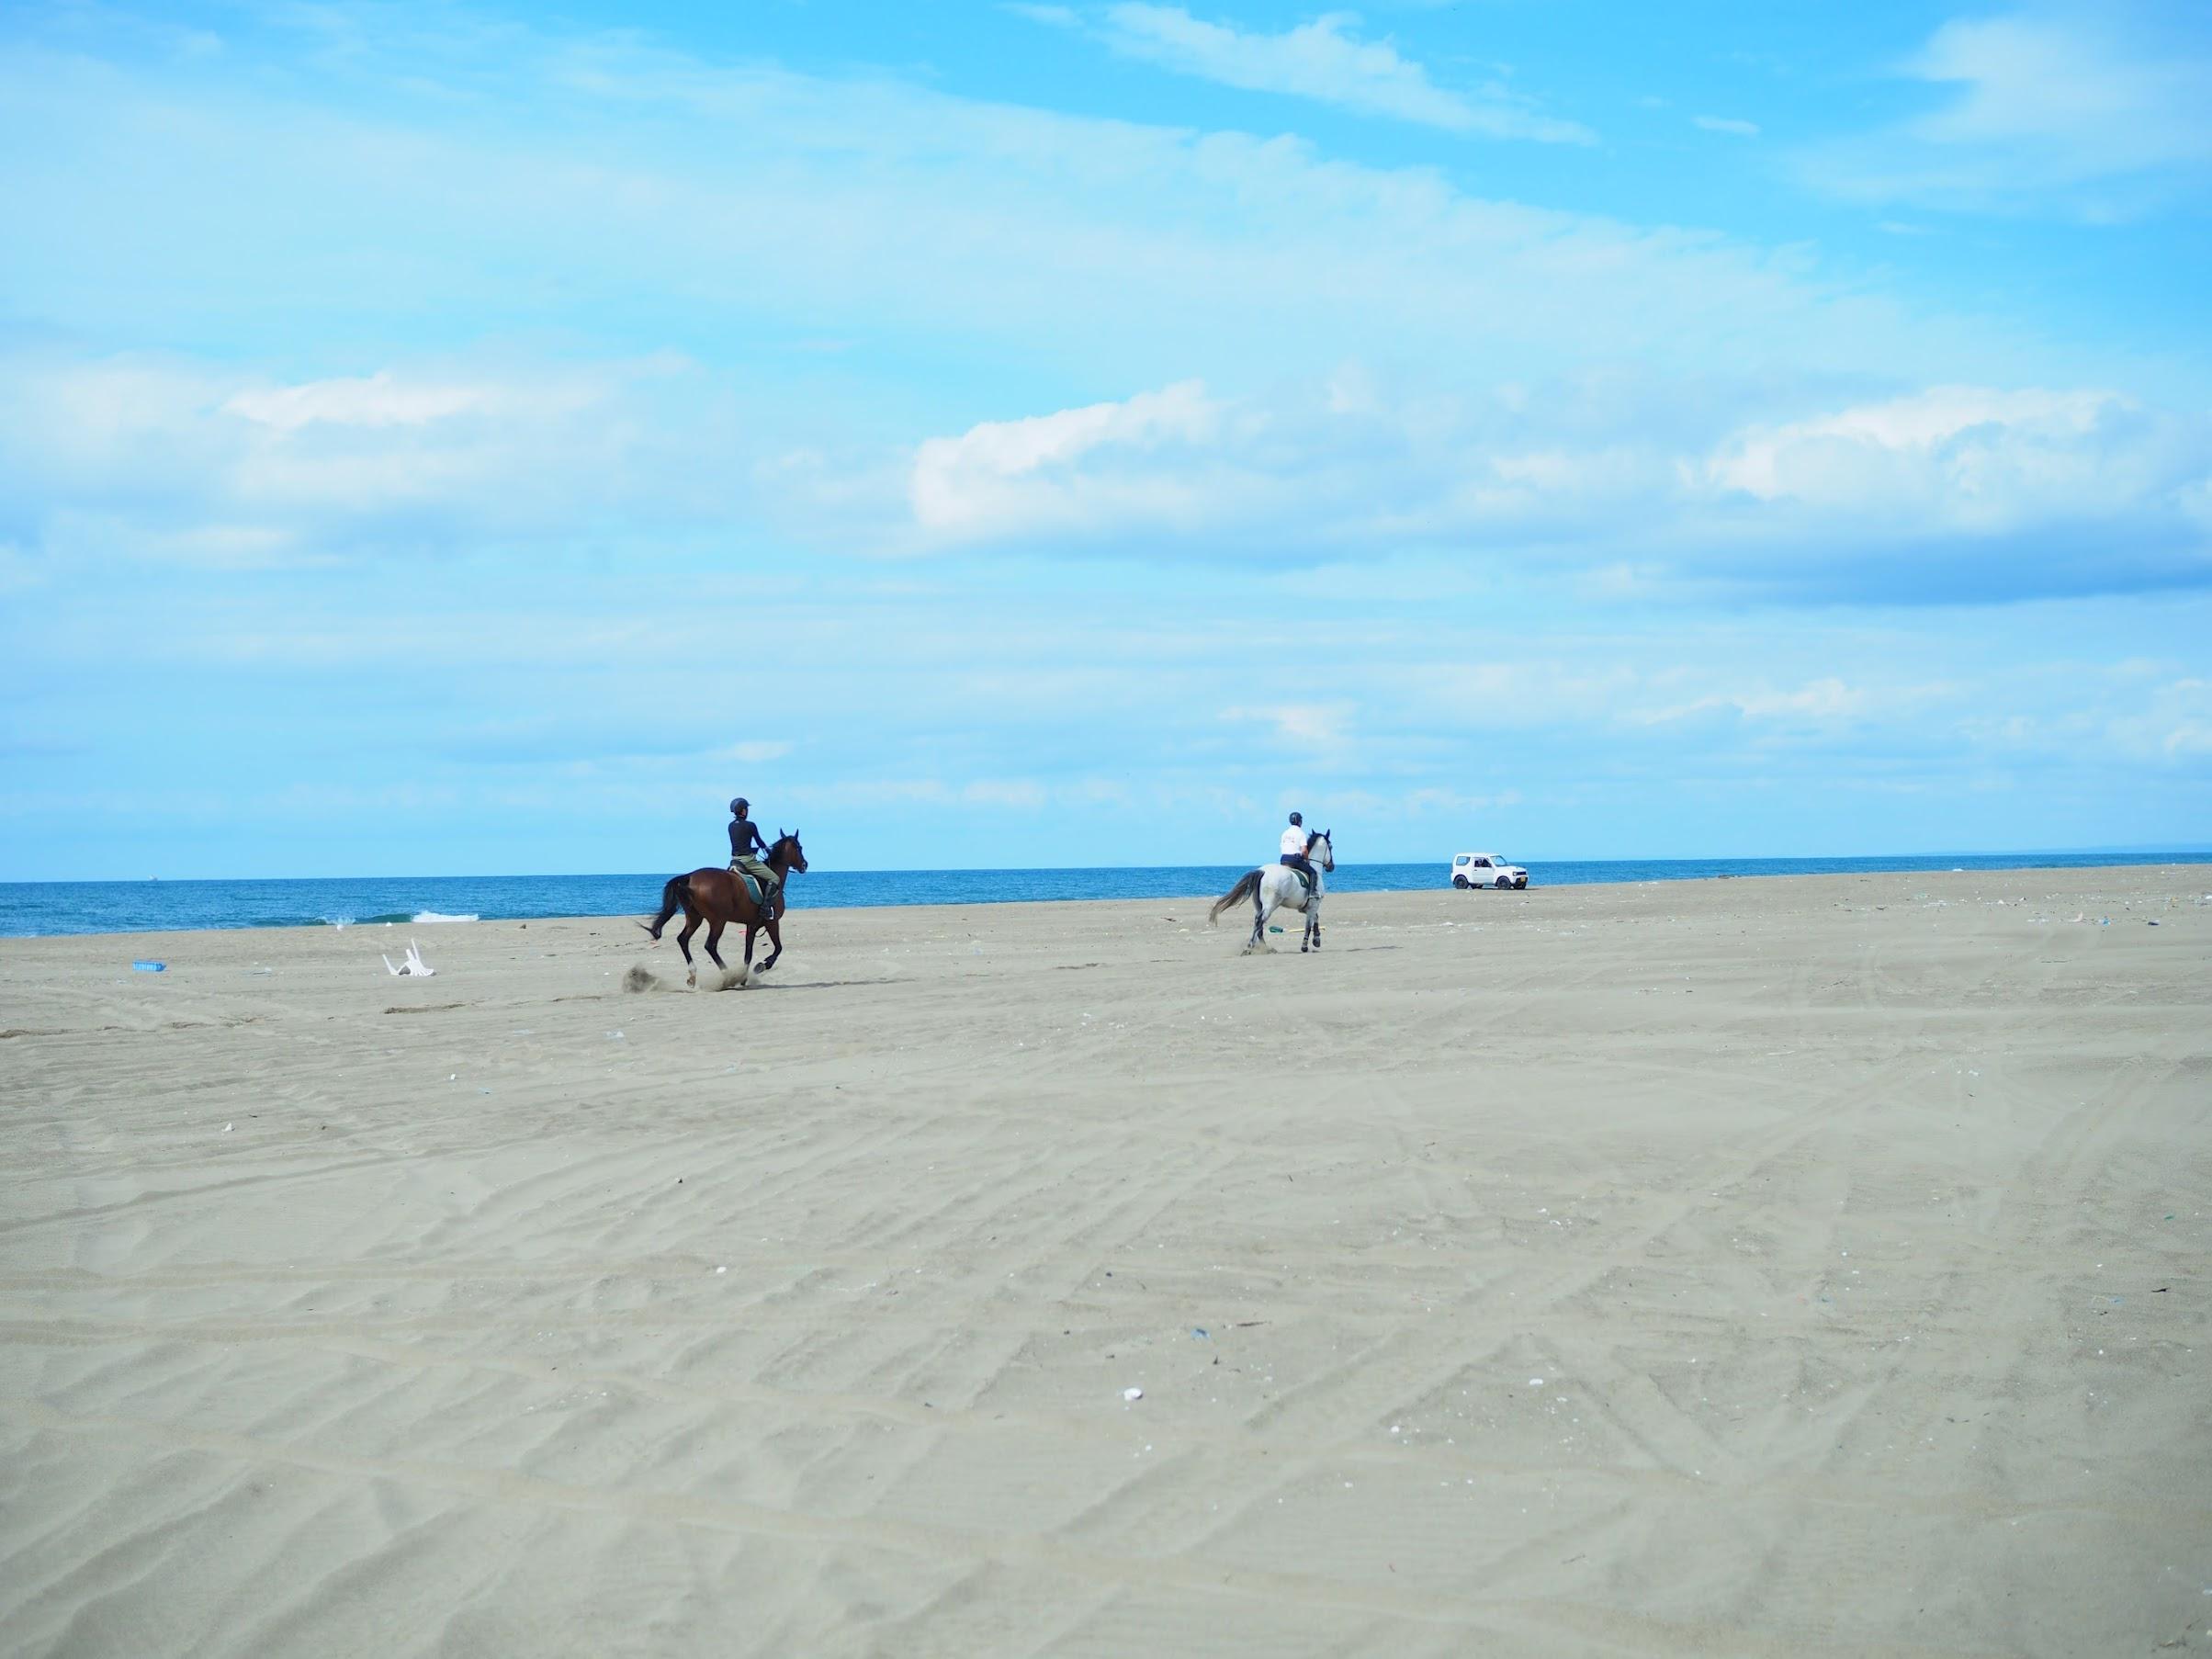 砂浜を走る馬